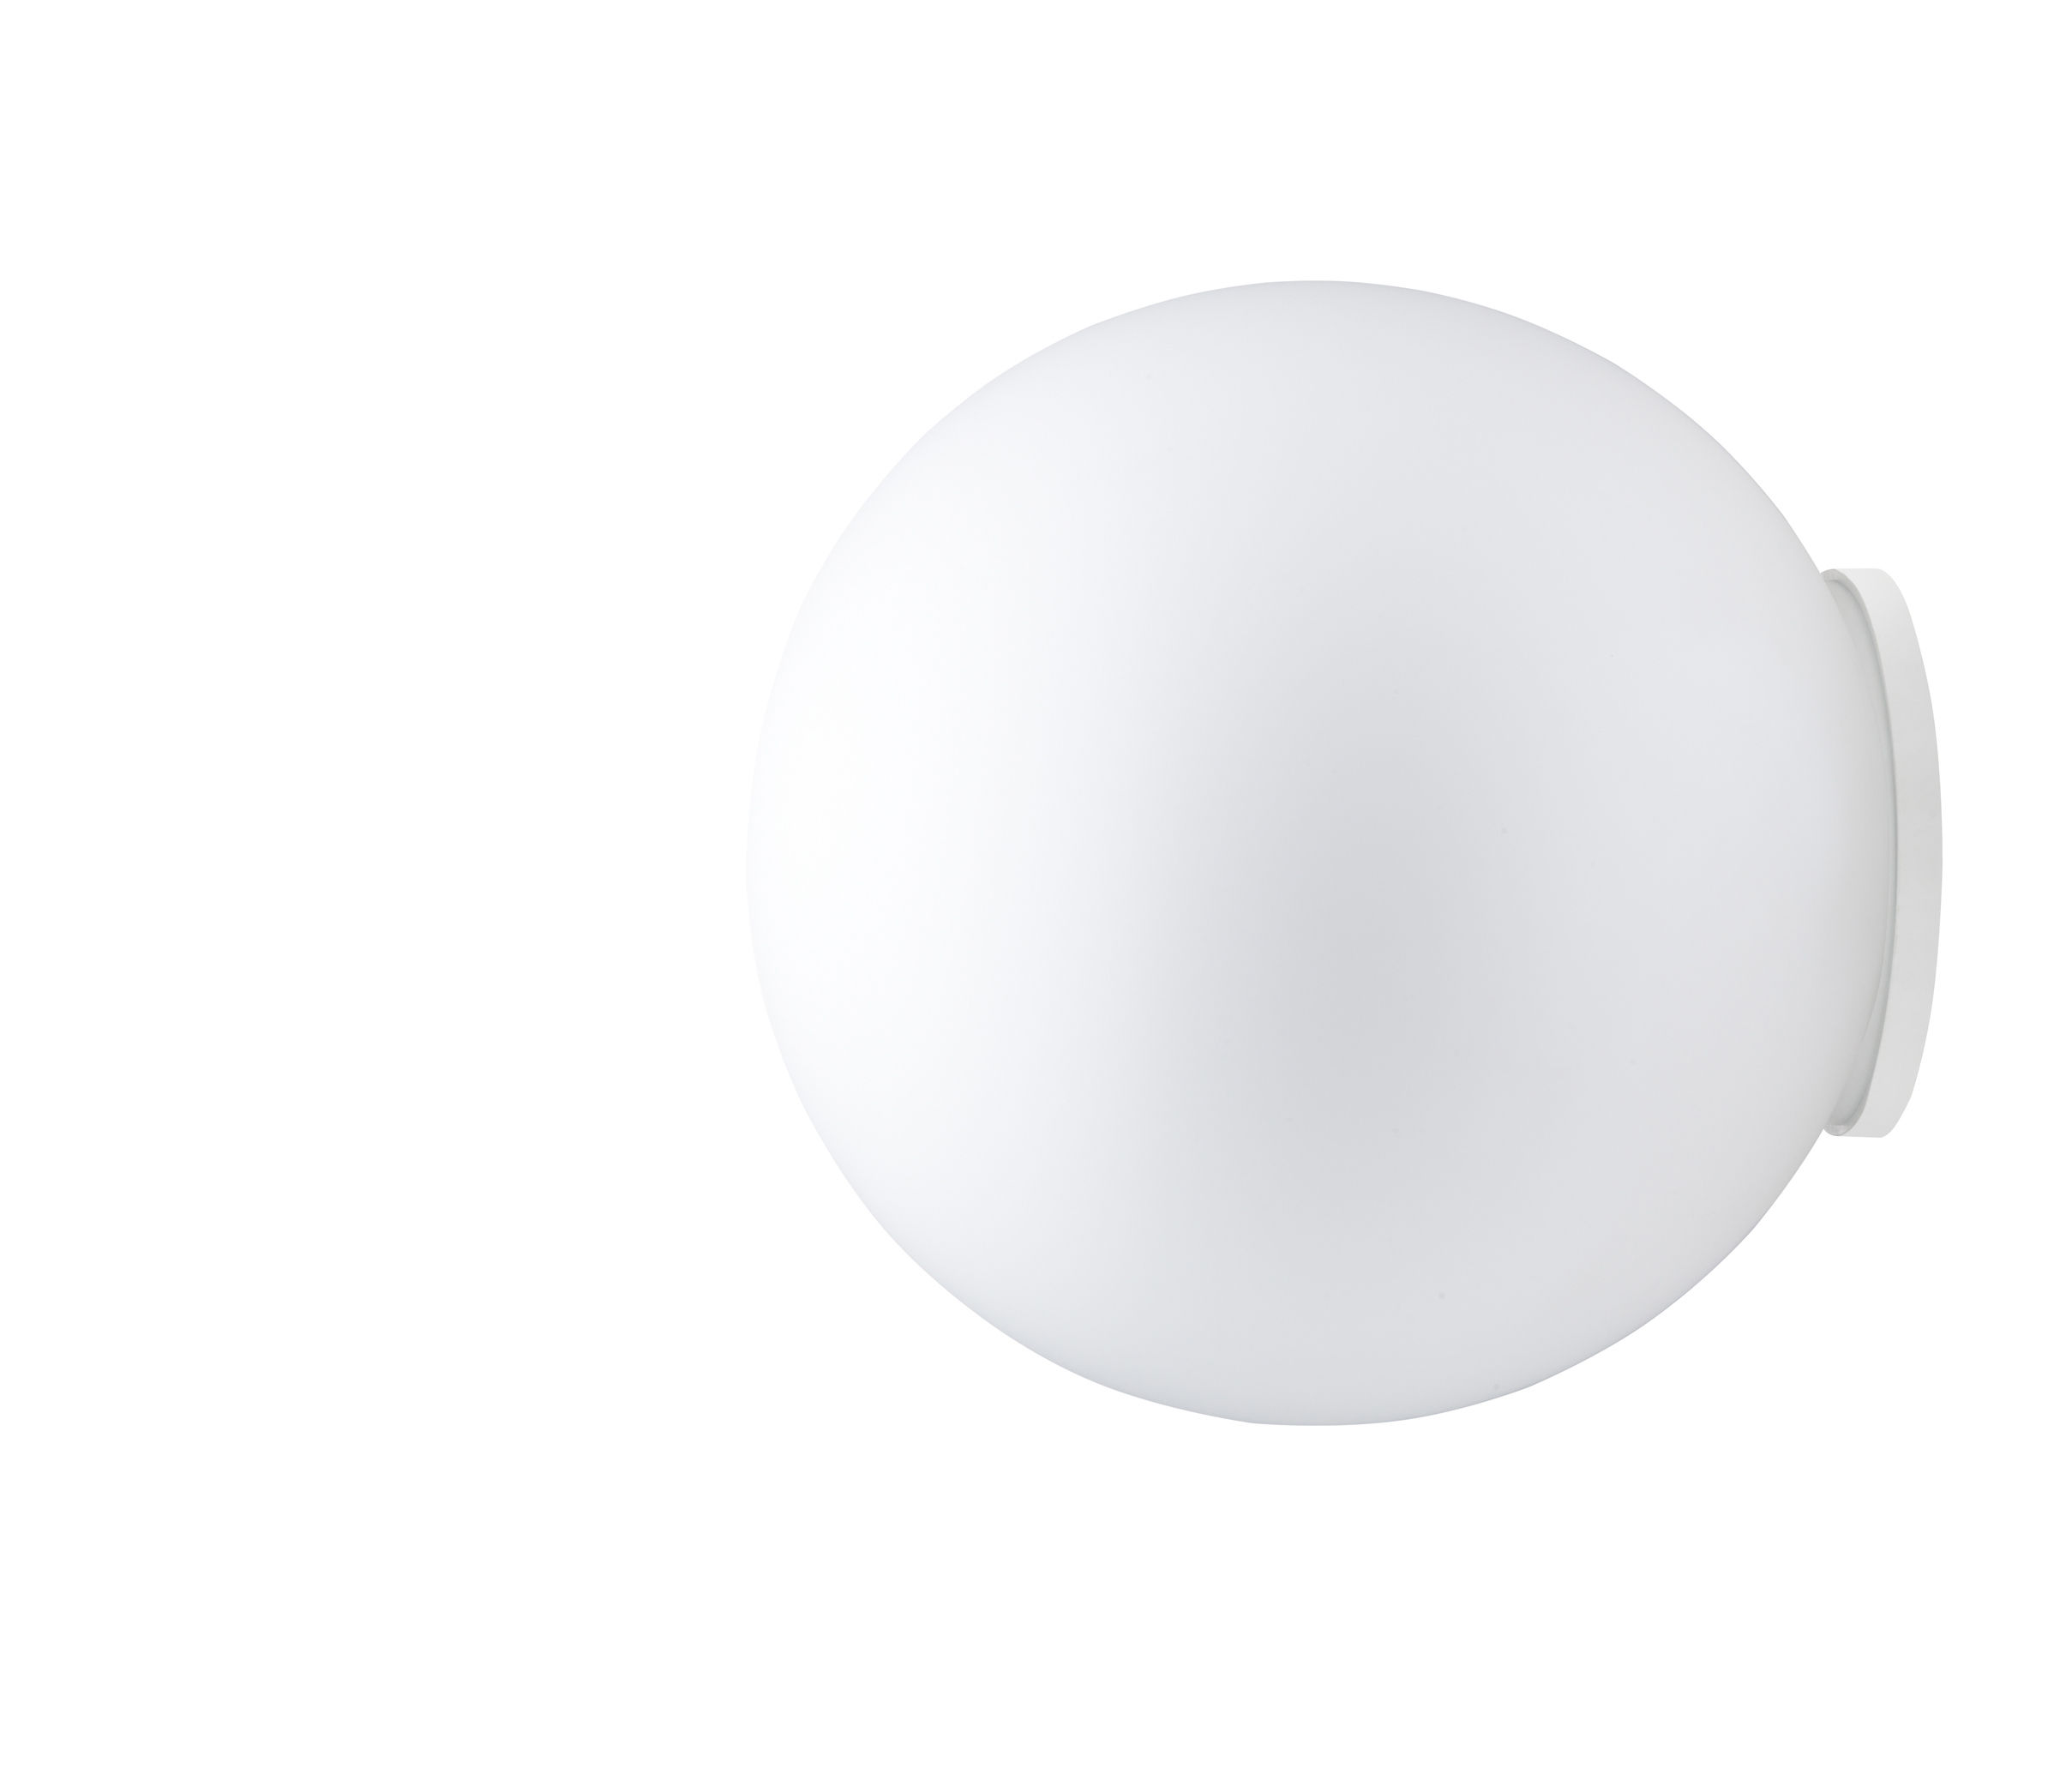 Luminaire - Appliques - Applique Sfera Ø 35 cm - Fabbian - Blanc - Ø 35 cm - Verre